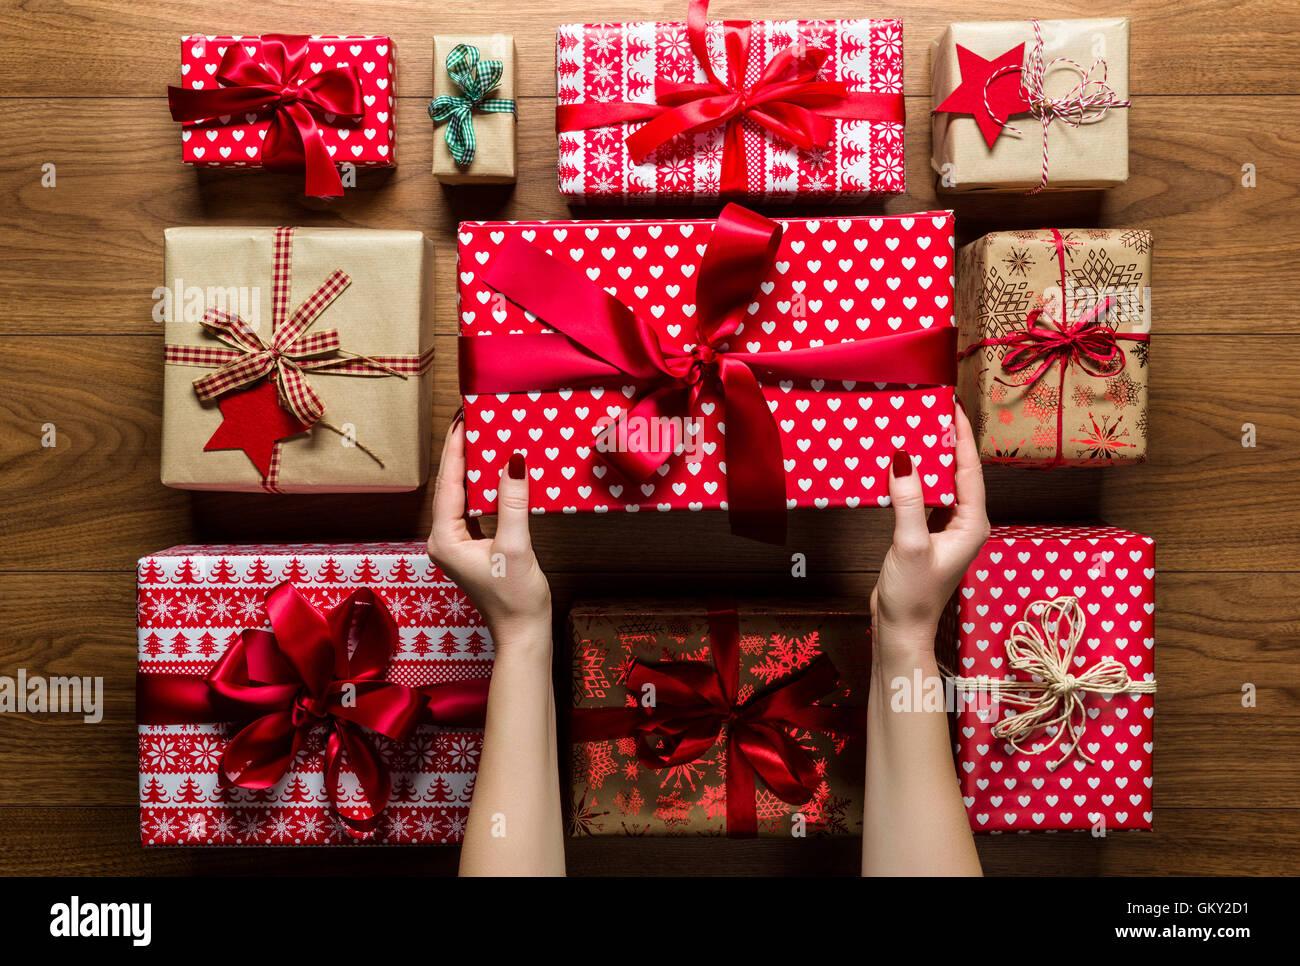 Frau organisierende schön verpackte Vintage Weihnachtsgeschenke auf ...